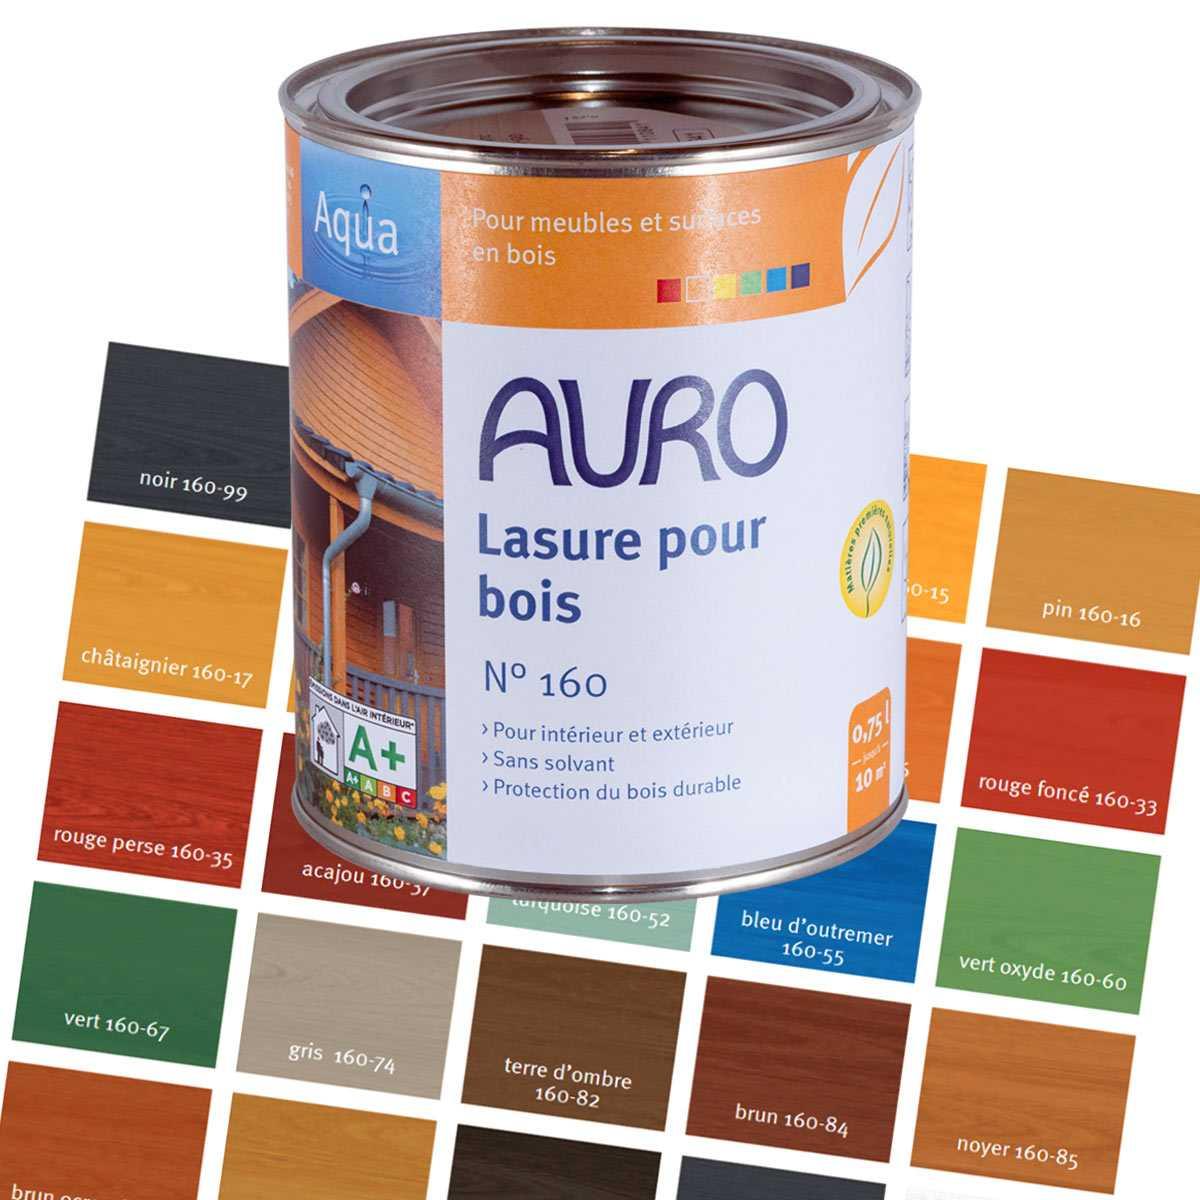 Great Lasure Pour Bois Aqua Auro 160